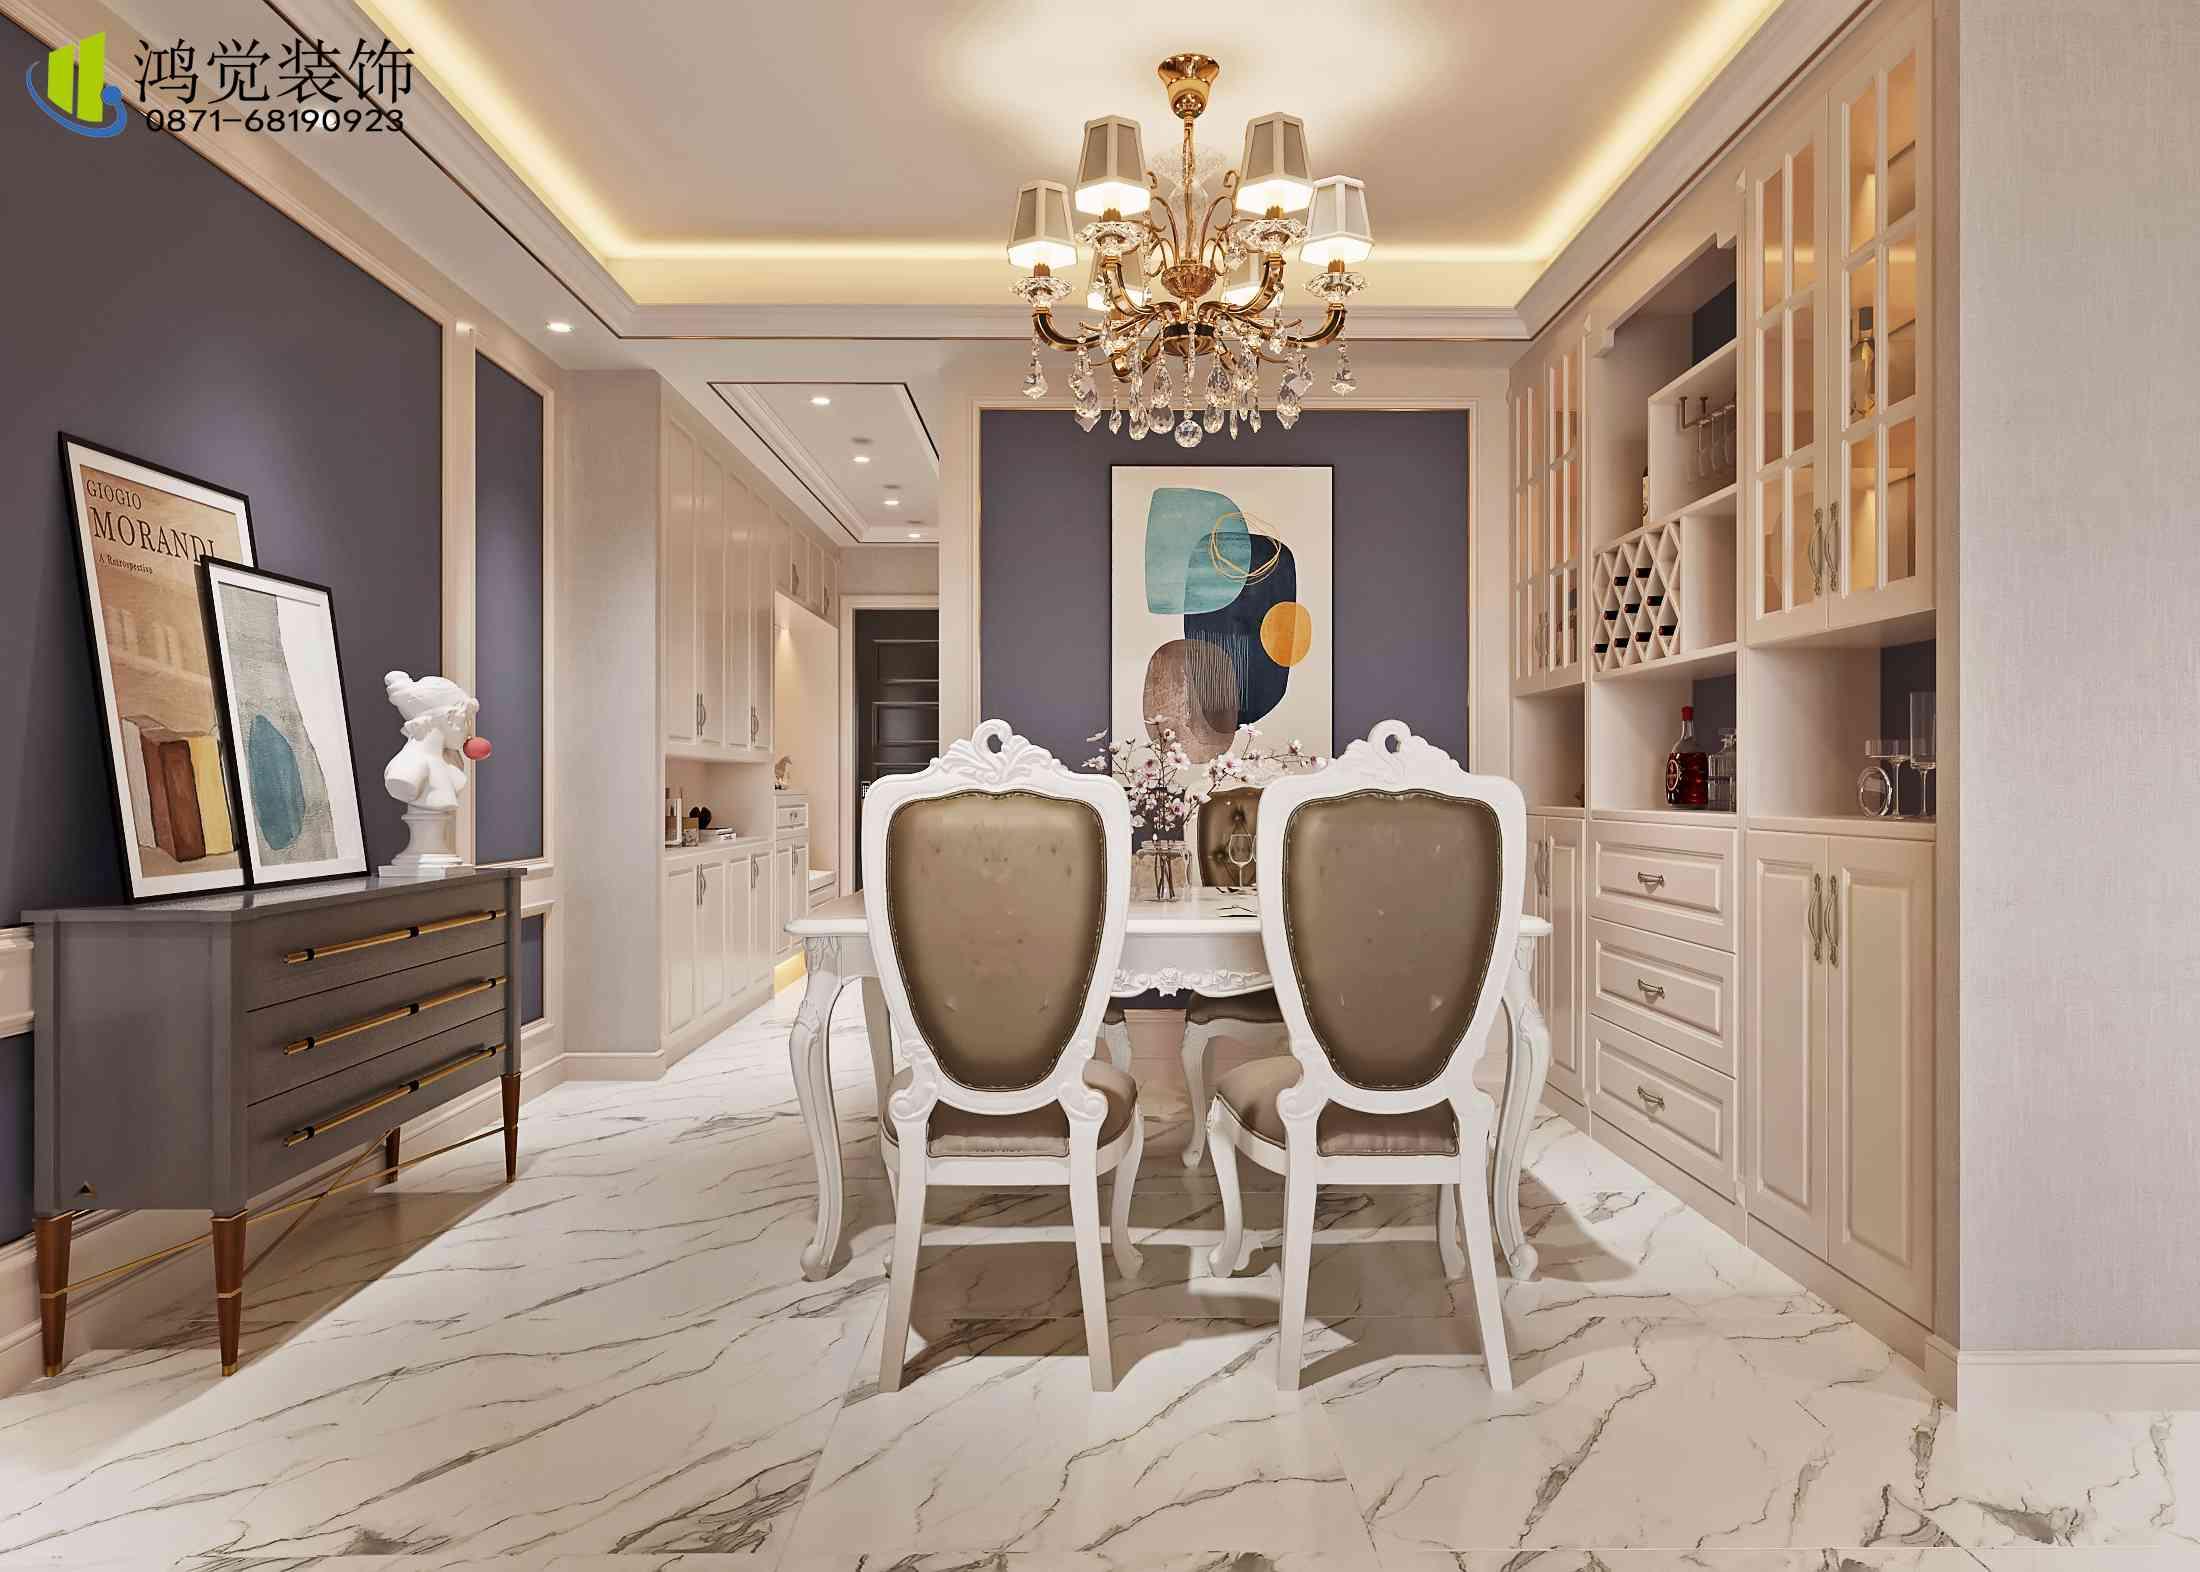 专业的家具定制划算吗-家装服务认准鸿觉装饰